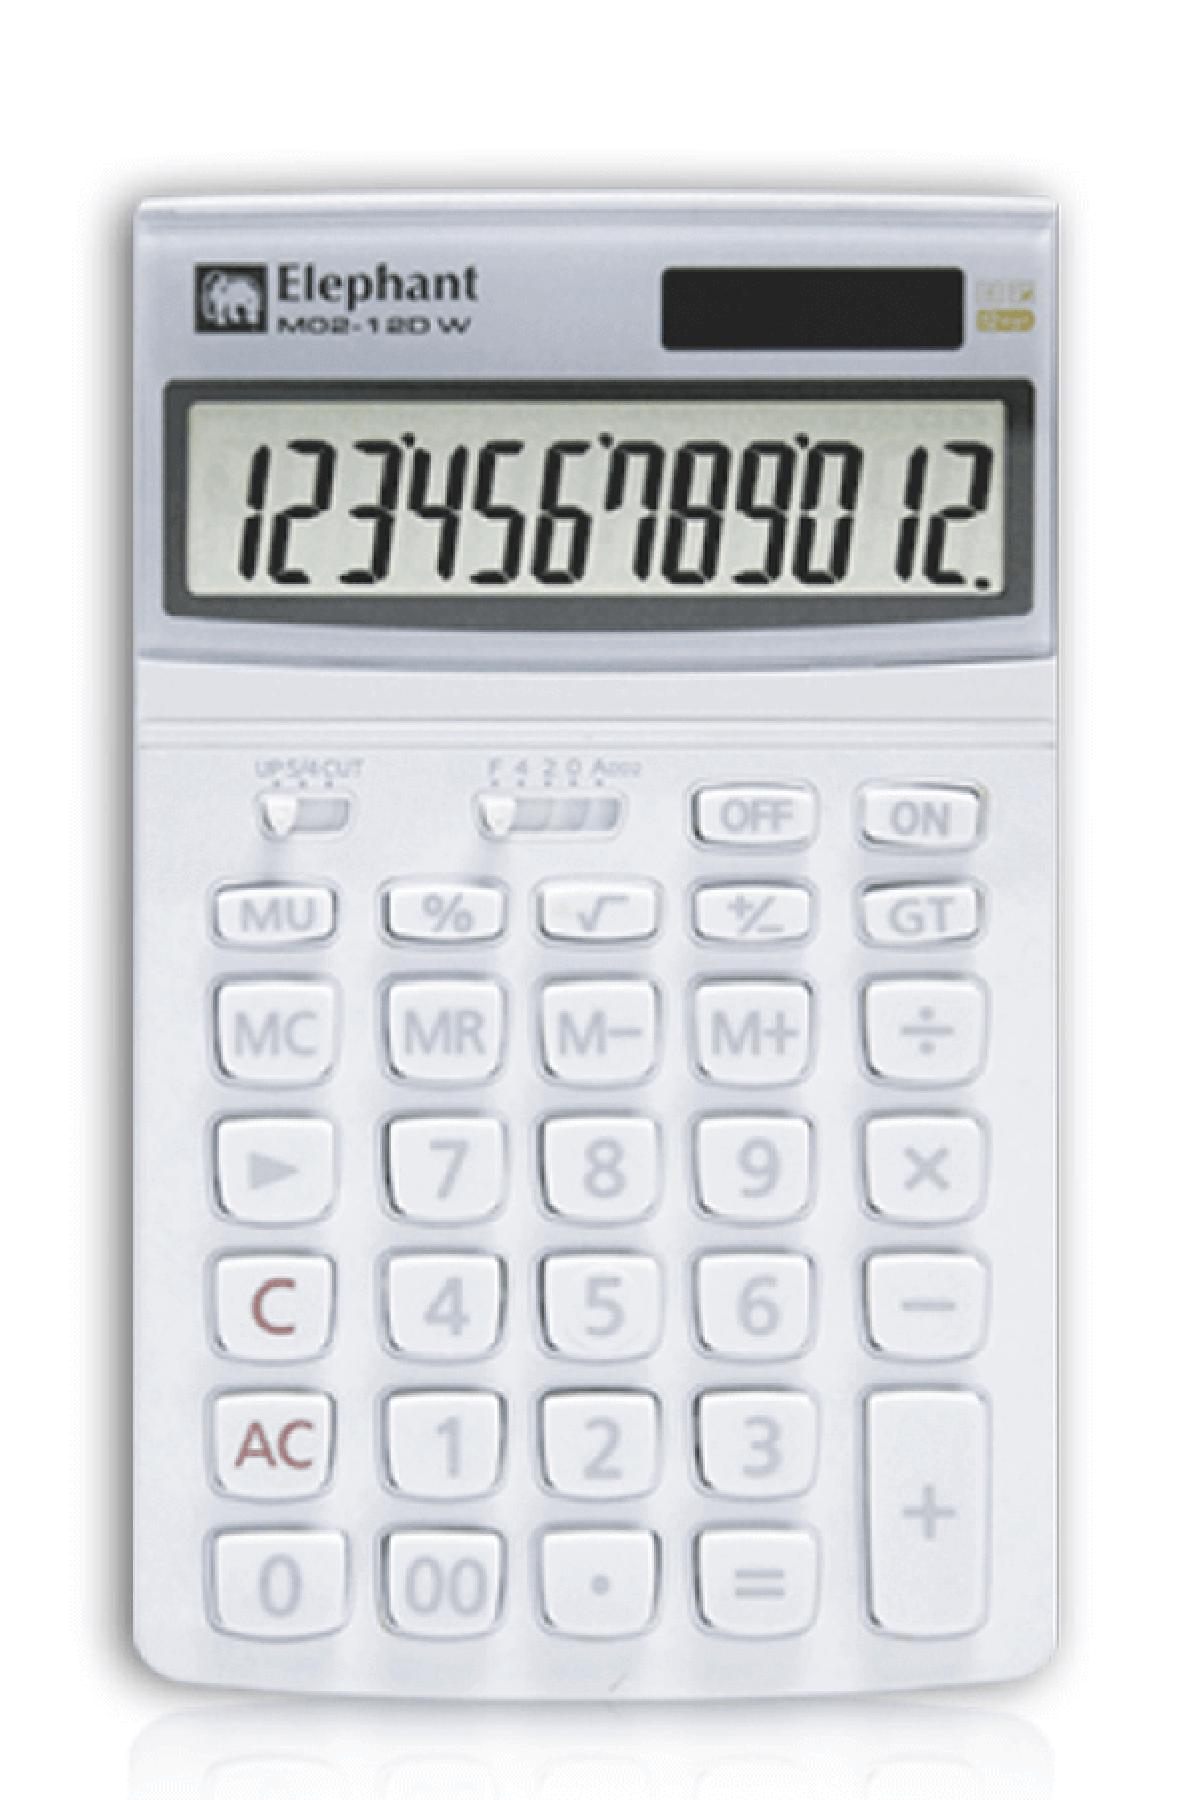 ตราช้าง เครื่องคิดเลข รุ่น M02-12DW